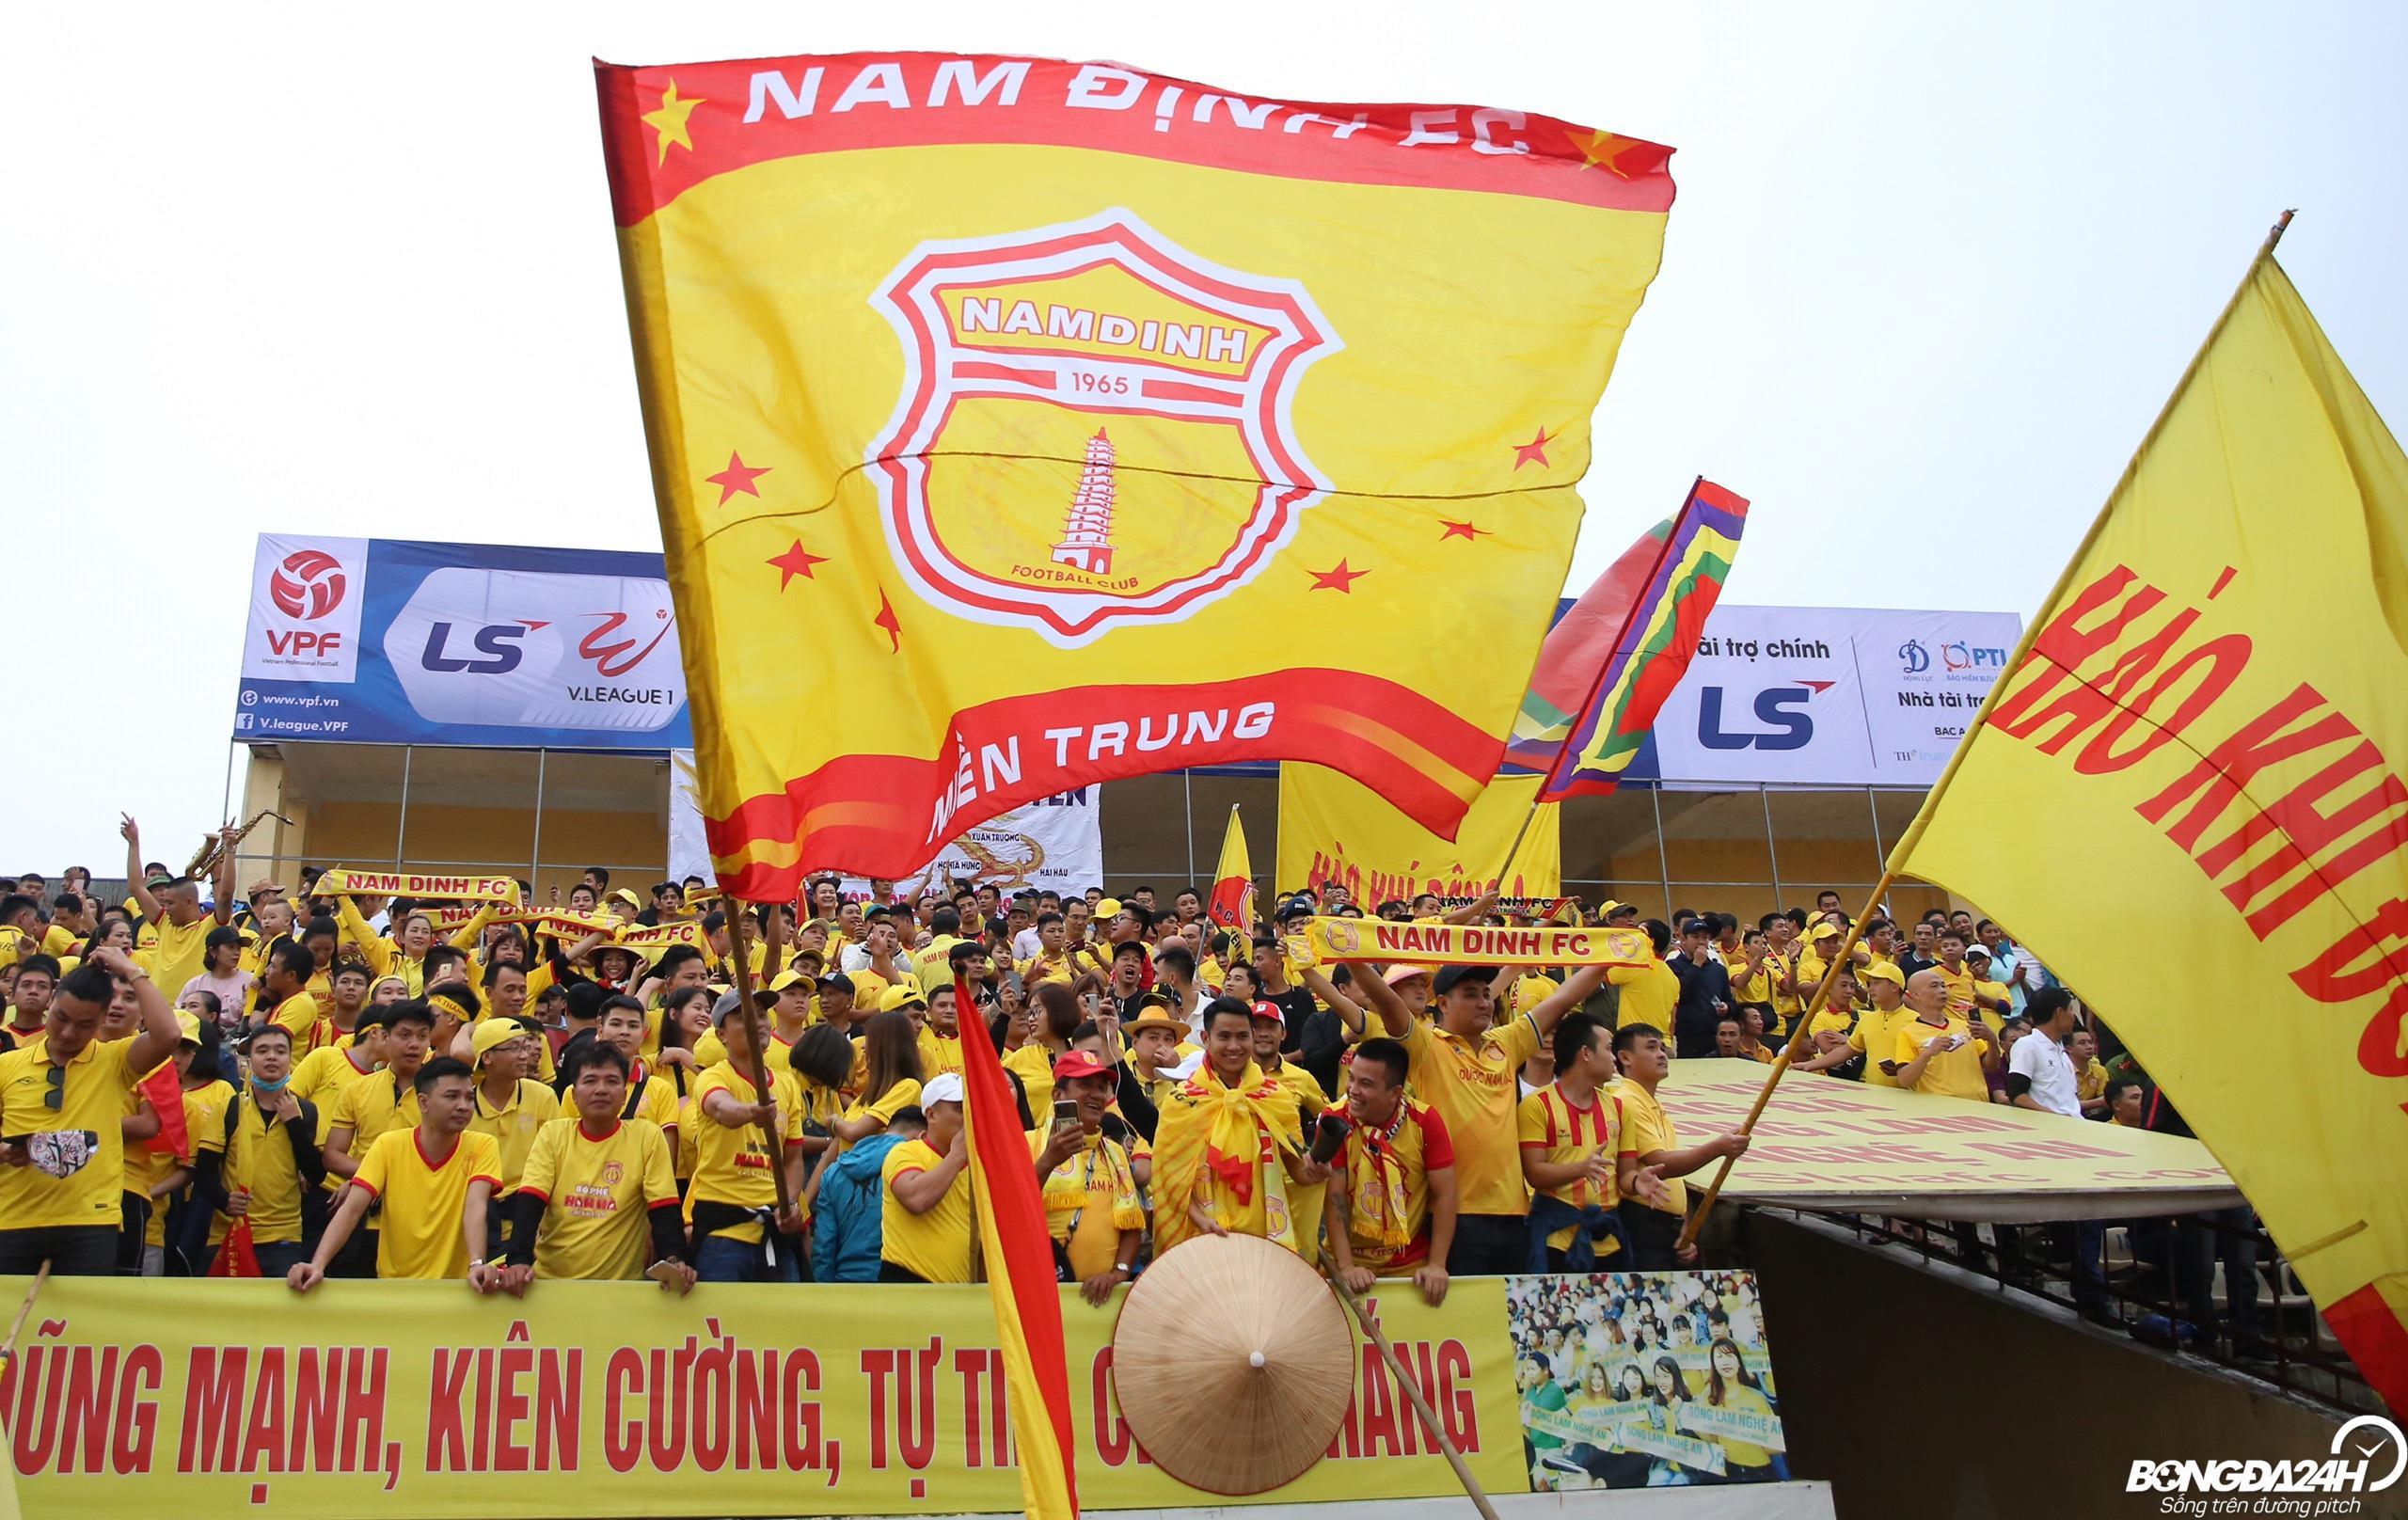 CLB Nam Định dẫn đầu Đông Nam Á về lượng khán giả đến sân hình ảnh